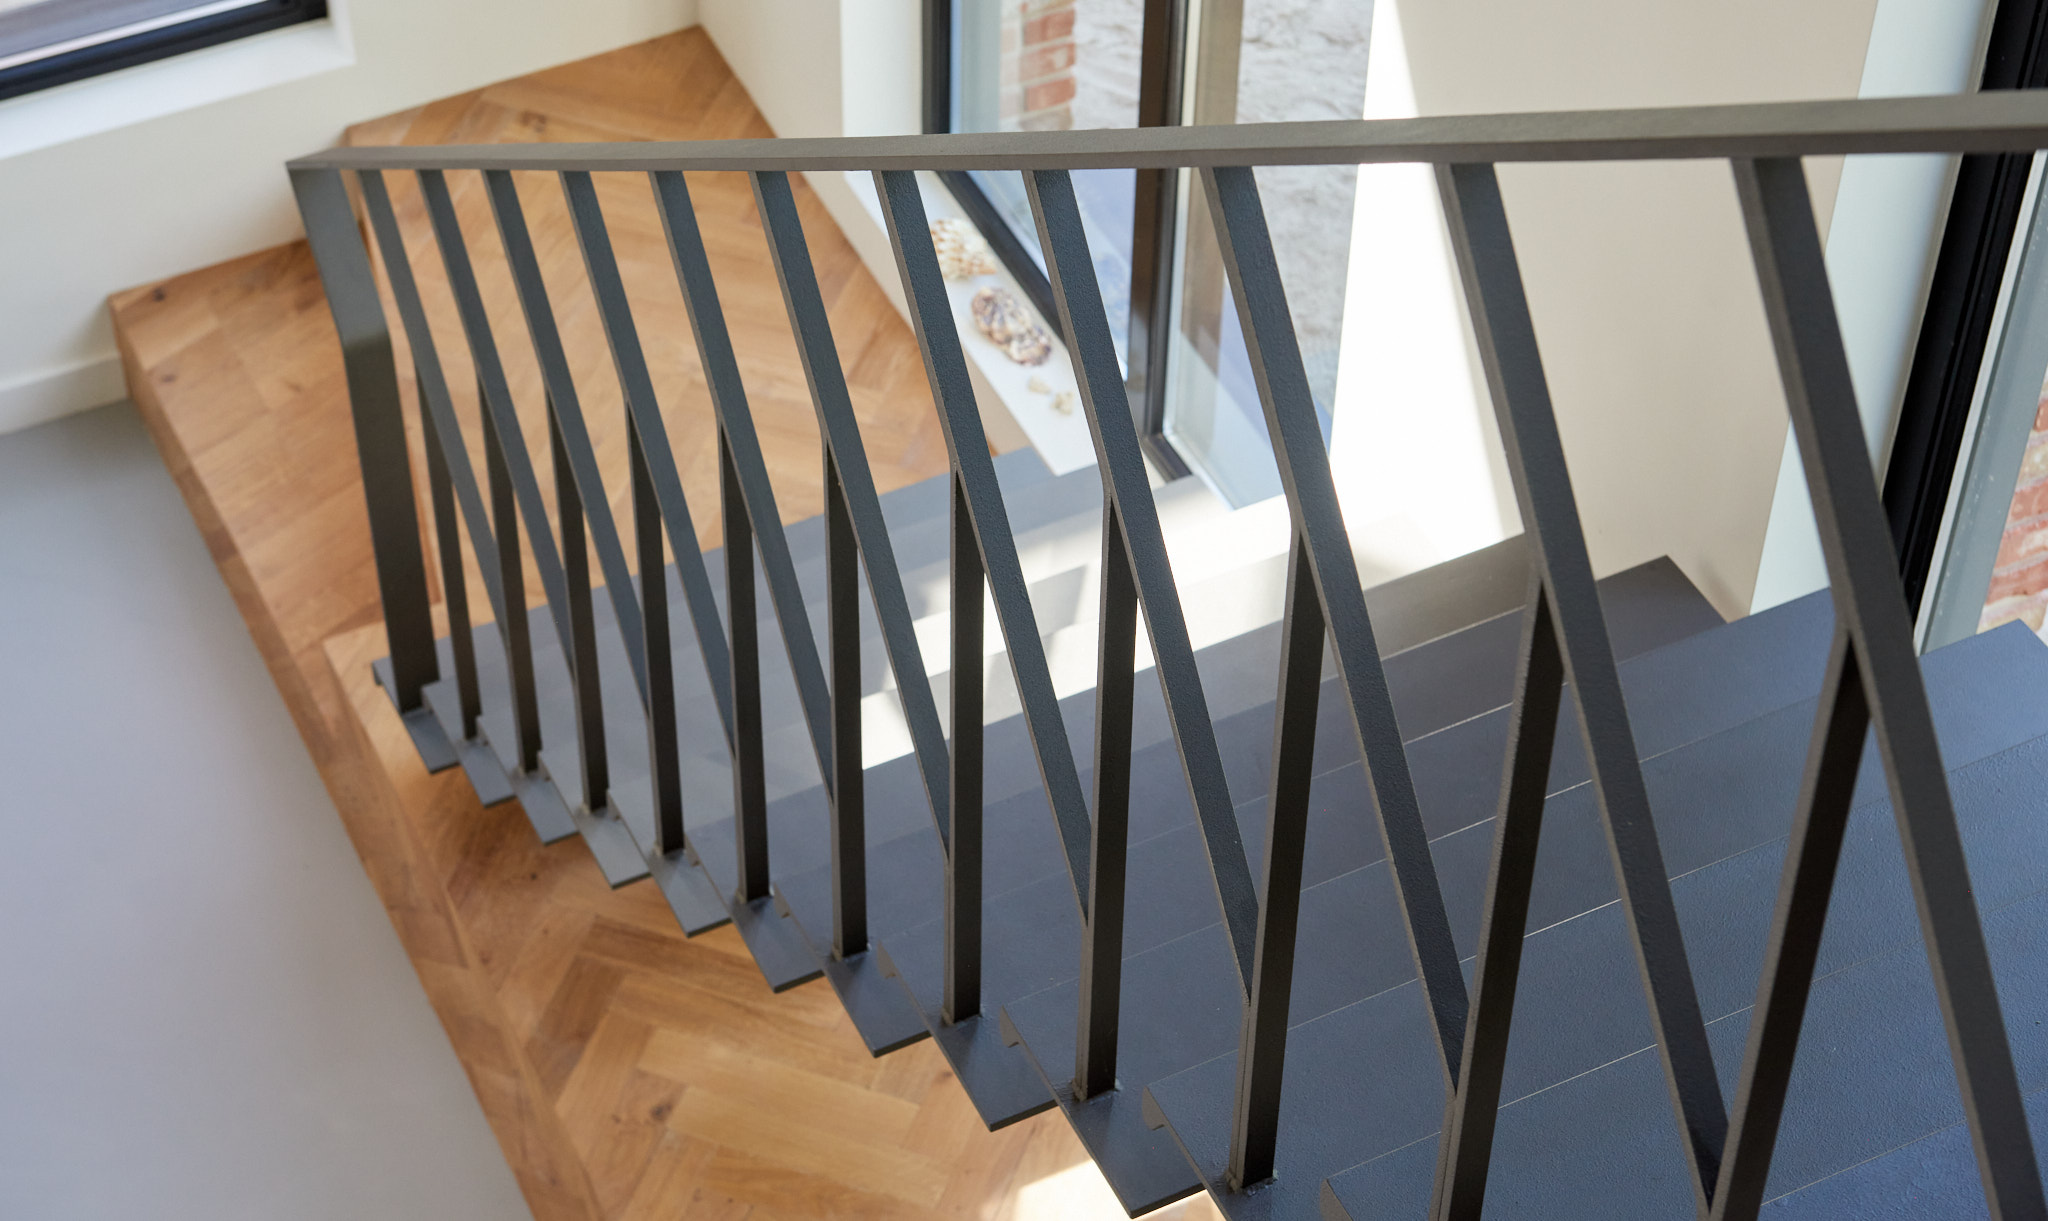 Stalen grijze design trap met een middenboom en stalen leuning. Eikenhouten visgraatvloer.